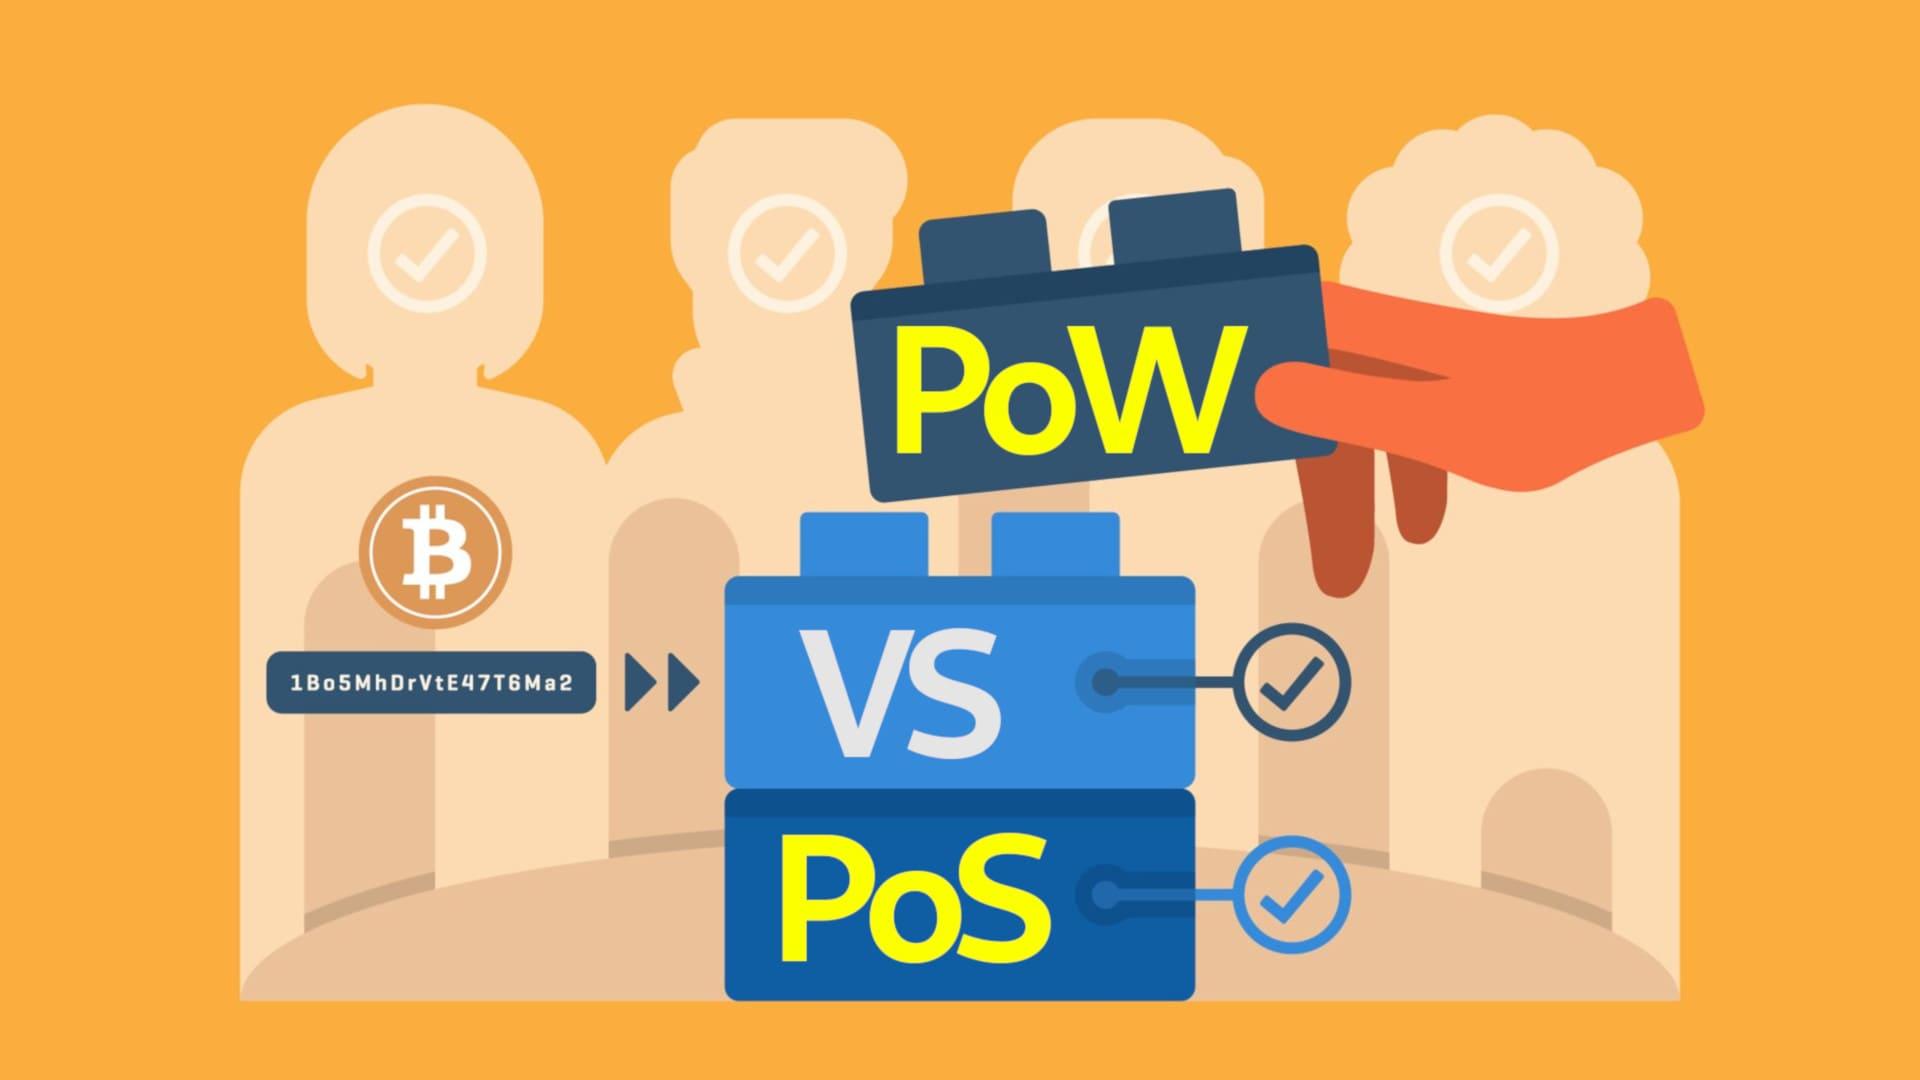 Diferencias entre PoW y PoS protocolo consenso blockchain